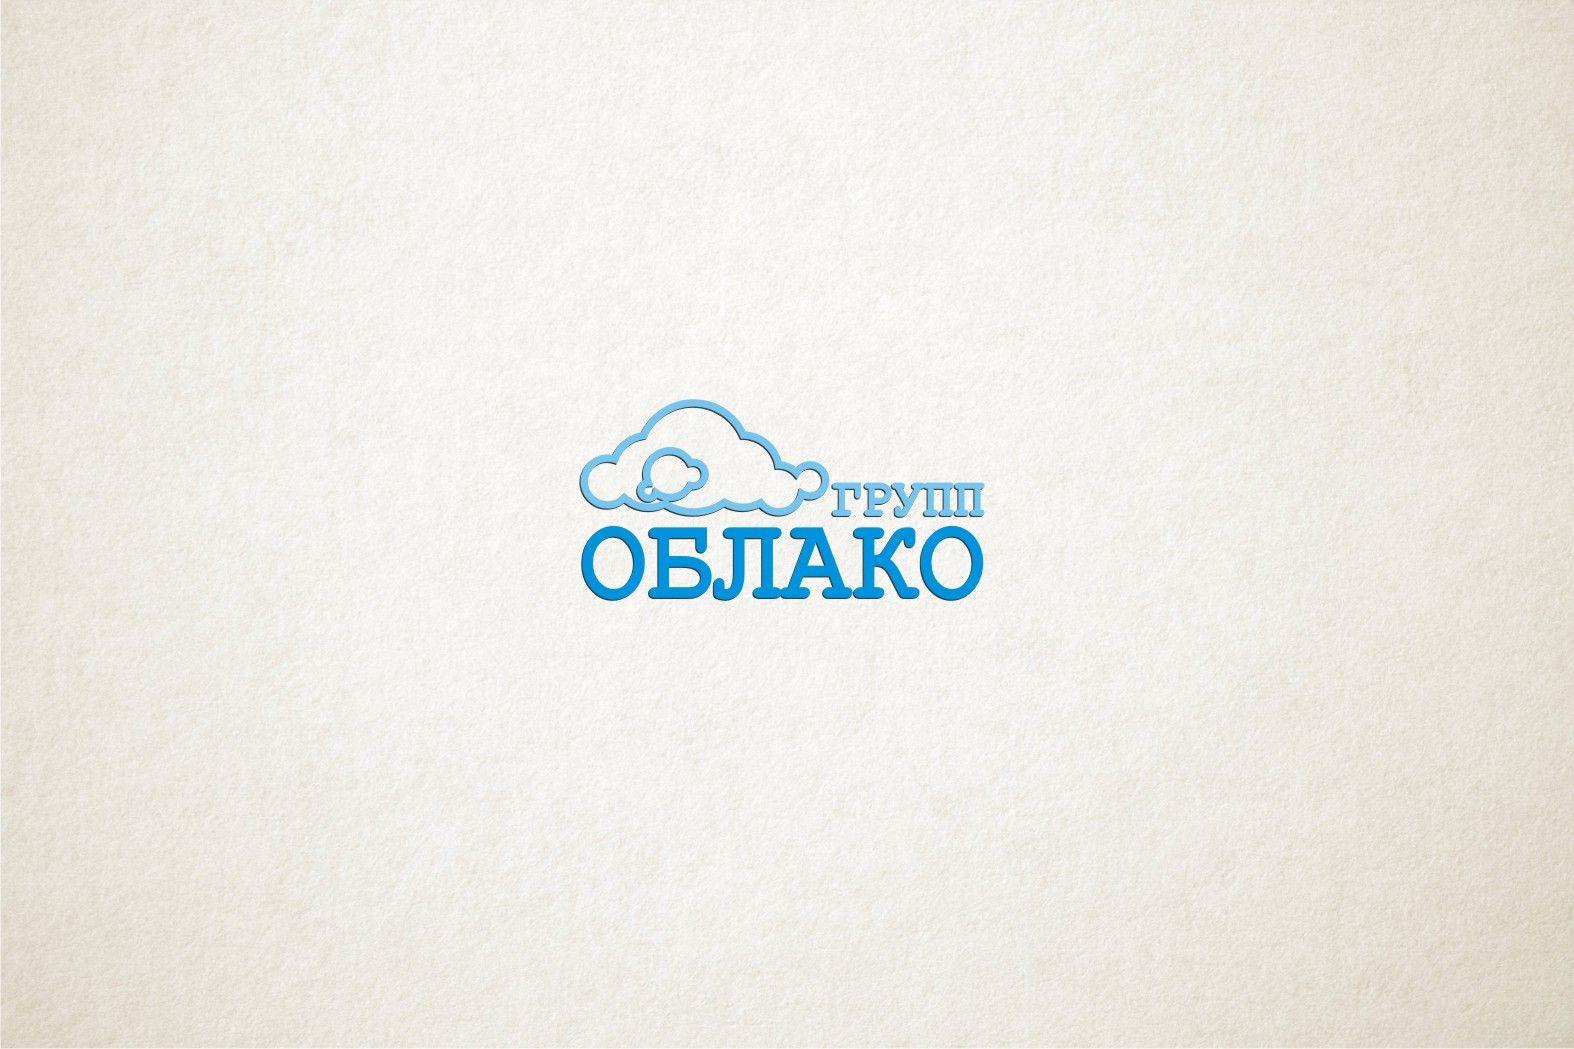 Облако Групп - дизайнер Evgenia_021